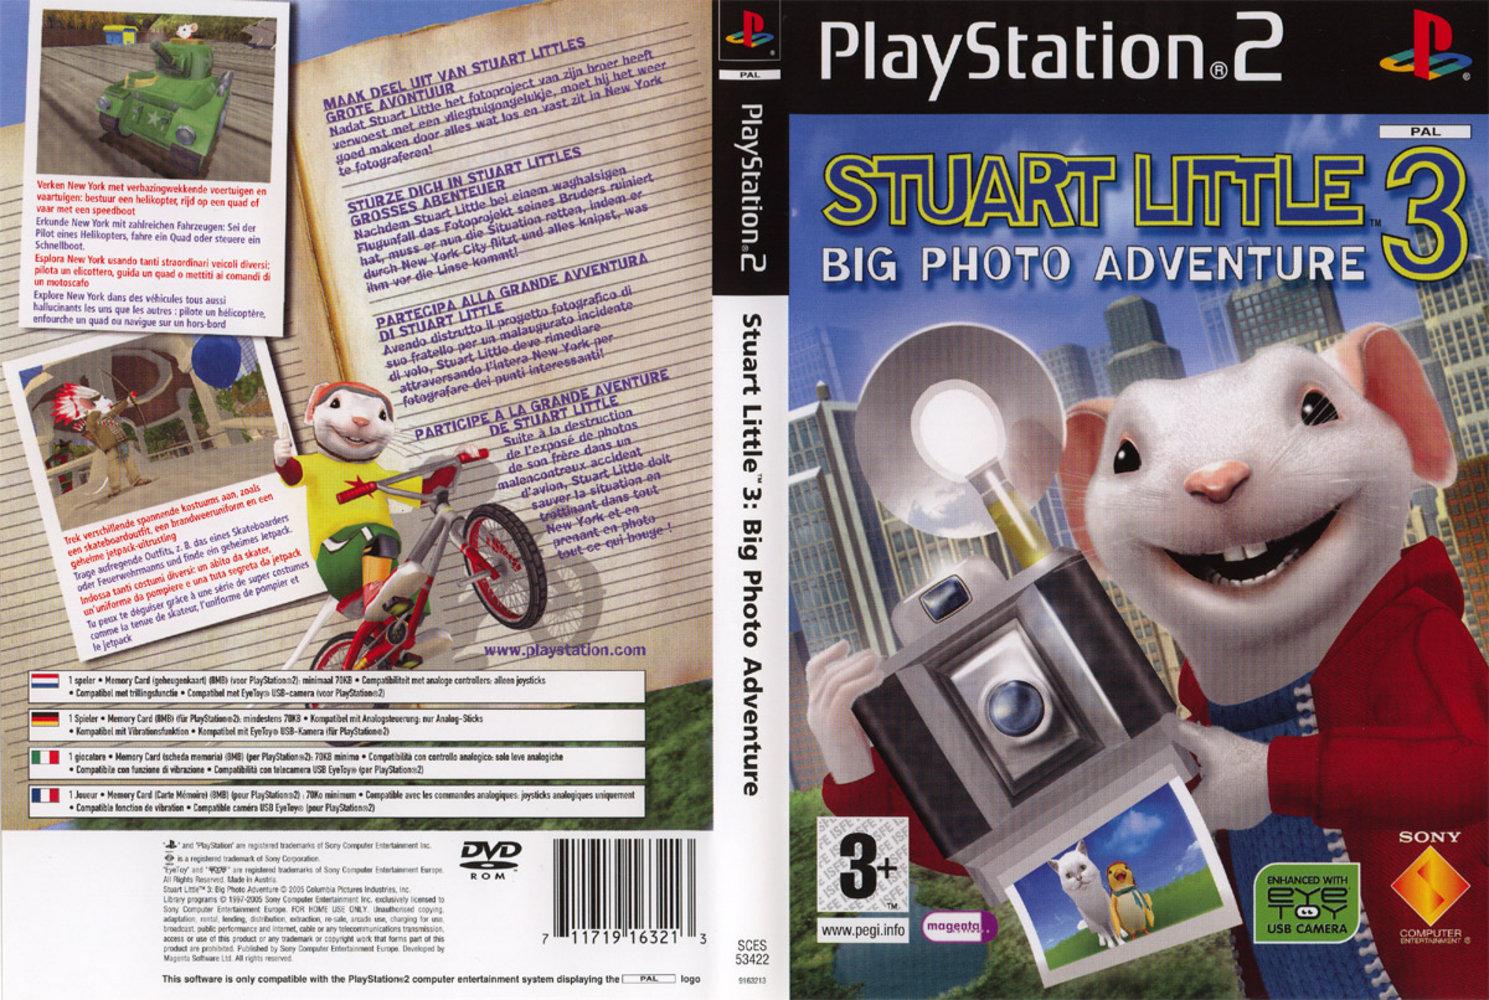 Stuart Little 3 - Big Photo Adventure (Europe) (En,Fr,De,Es,It,Nl,Pt